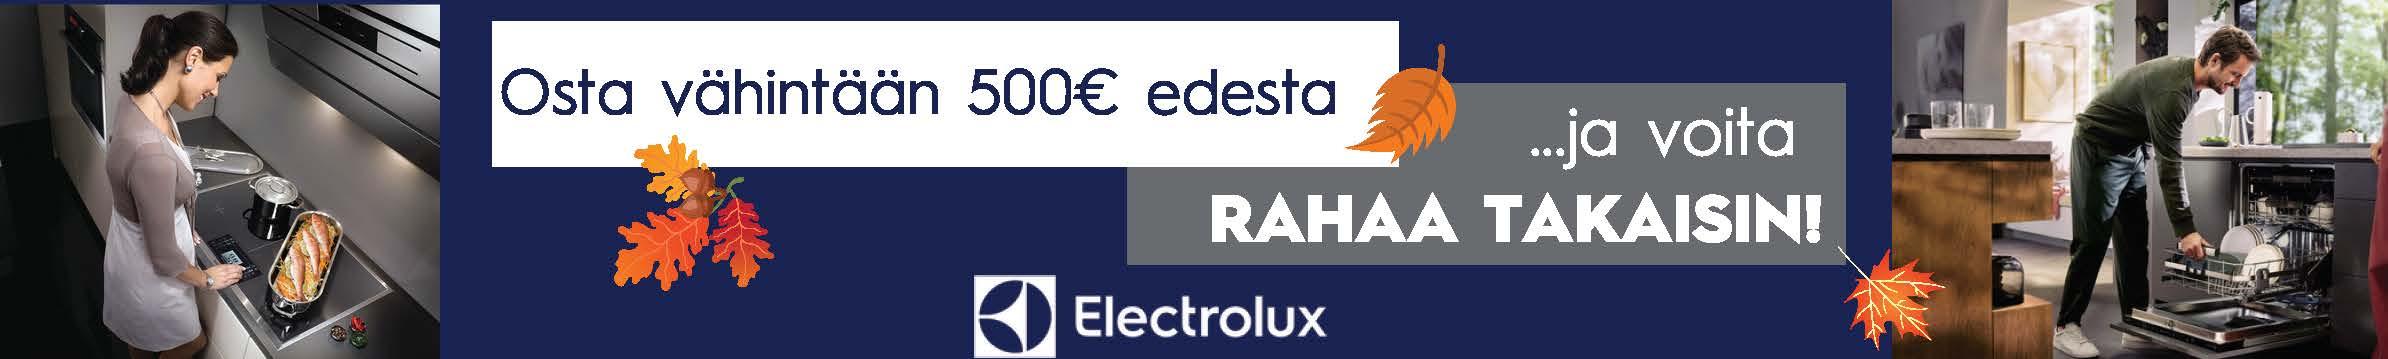 Osta nyt Electrolux kodinkoneita ja jos olet onnekas, voitat takaisin 500€ ostosummastasi!